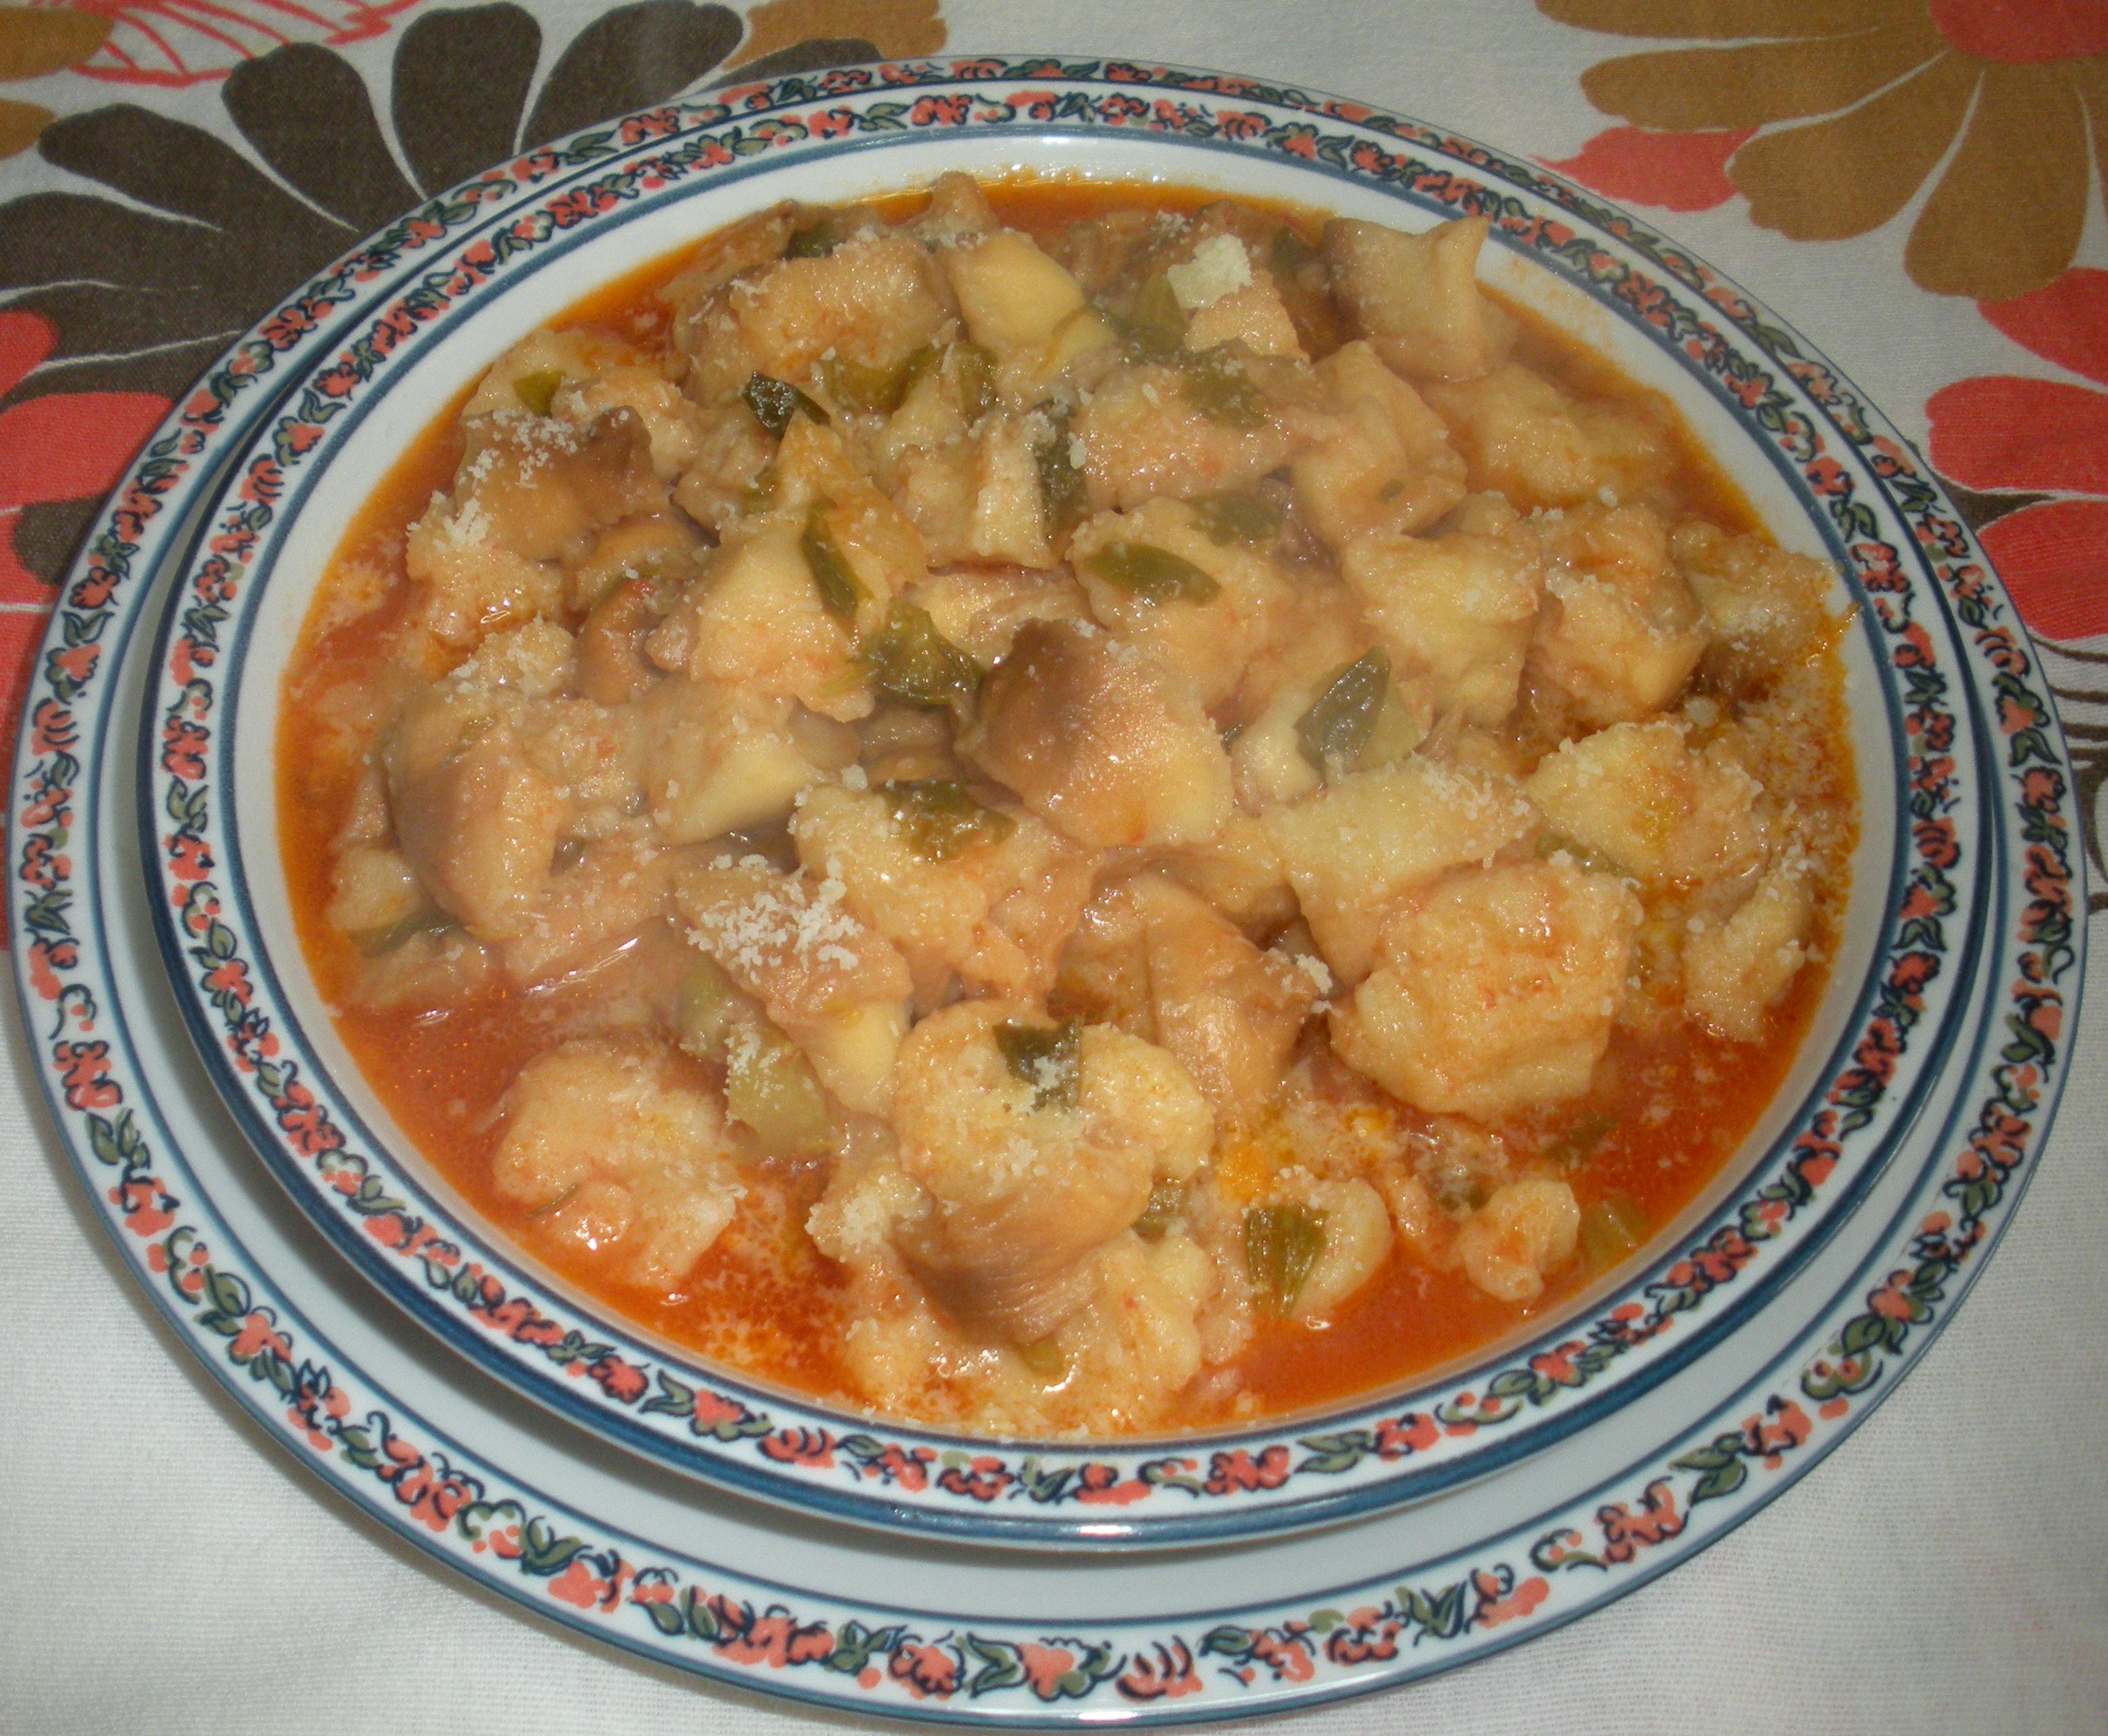 Zuppa di pane al pomodoro